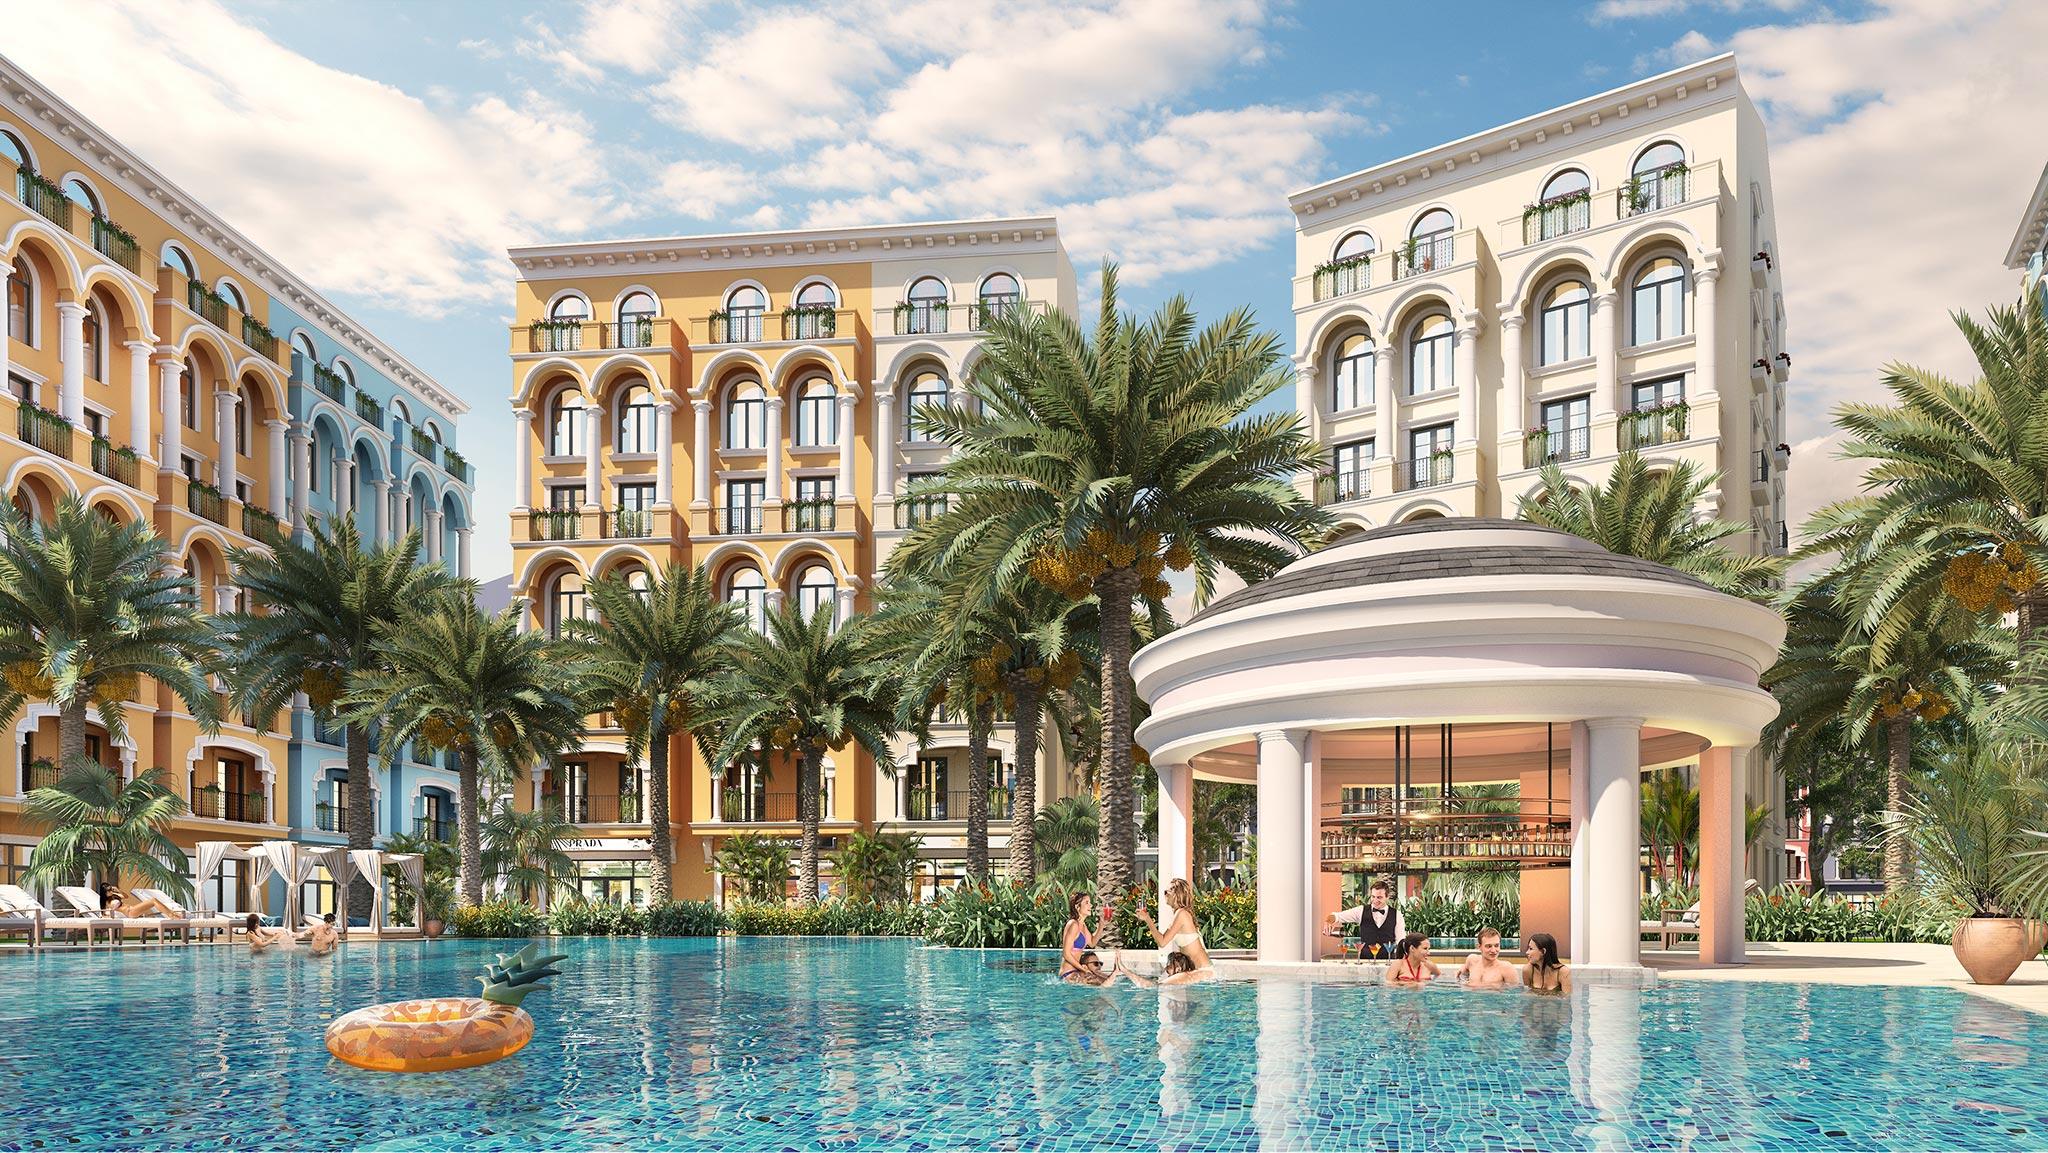 Shoptel - tiên phong mô hình đặc quyền đầu tư lưu trú nghỉ dưỡng tại Phú Quốc | Địa ốc MGV